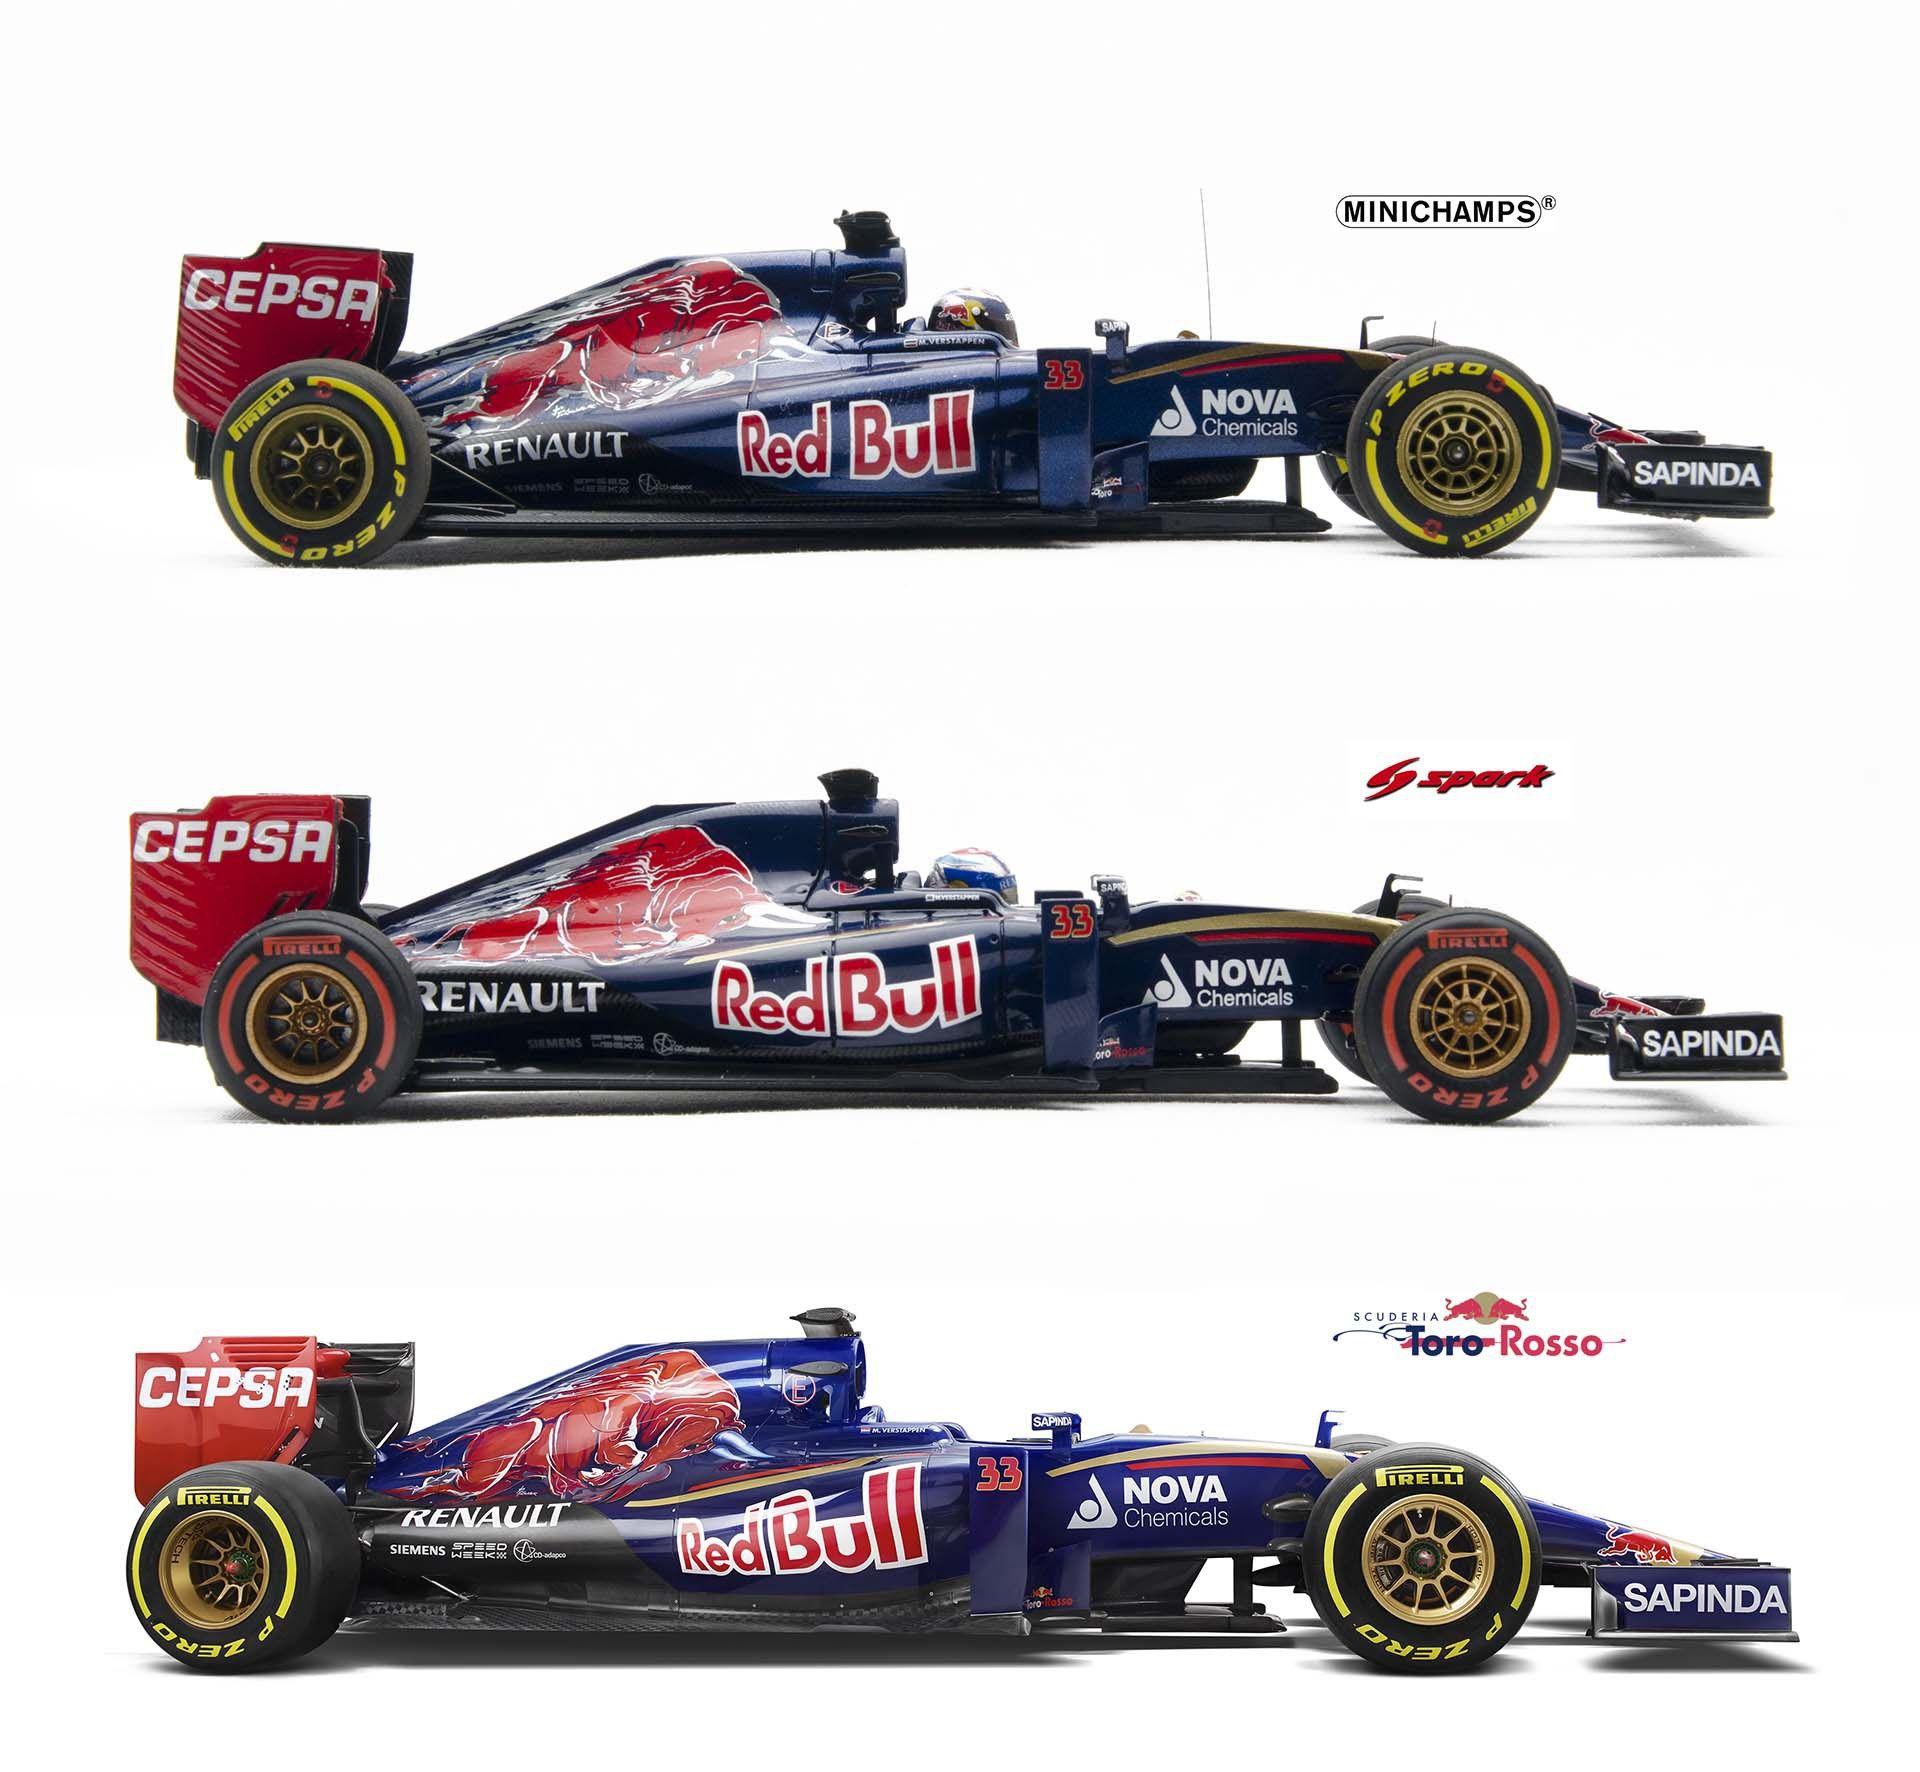 Minichamps Vs Spark Models Toro Rosso Str10 Max Verstappen Side